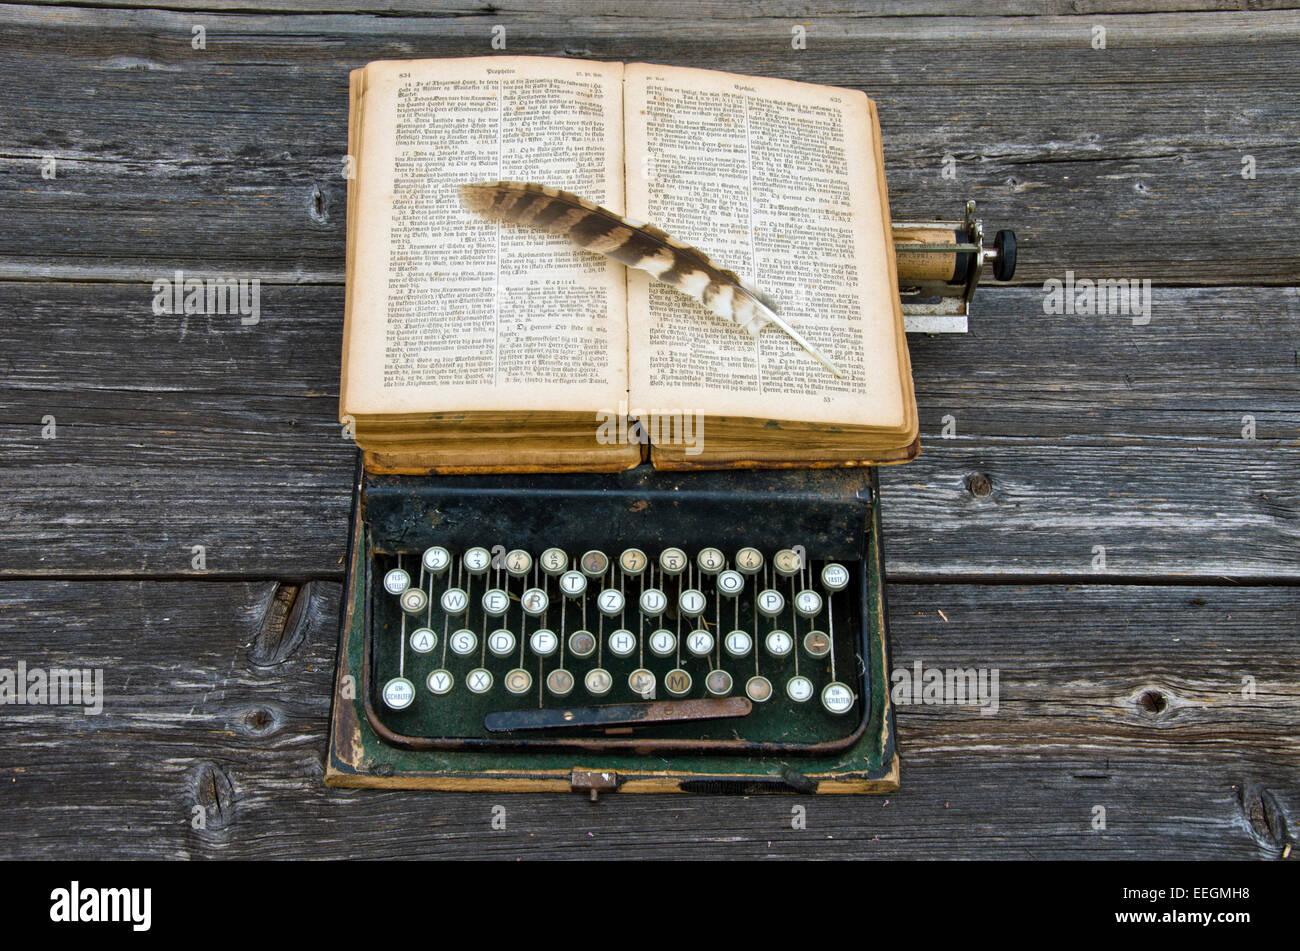 Machine à écrire antique avec vieux livre Bible et plume d'oiseau sur clavier utilisé Photo Stock